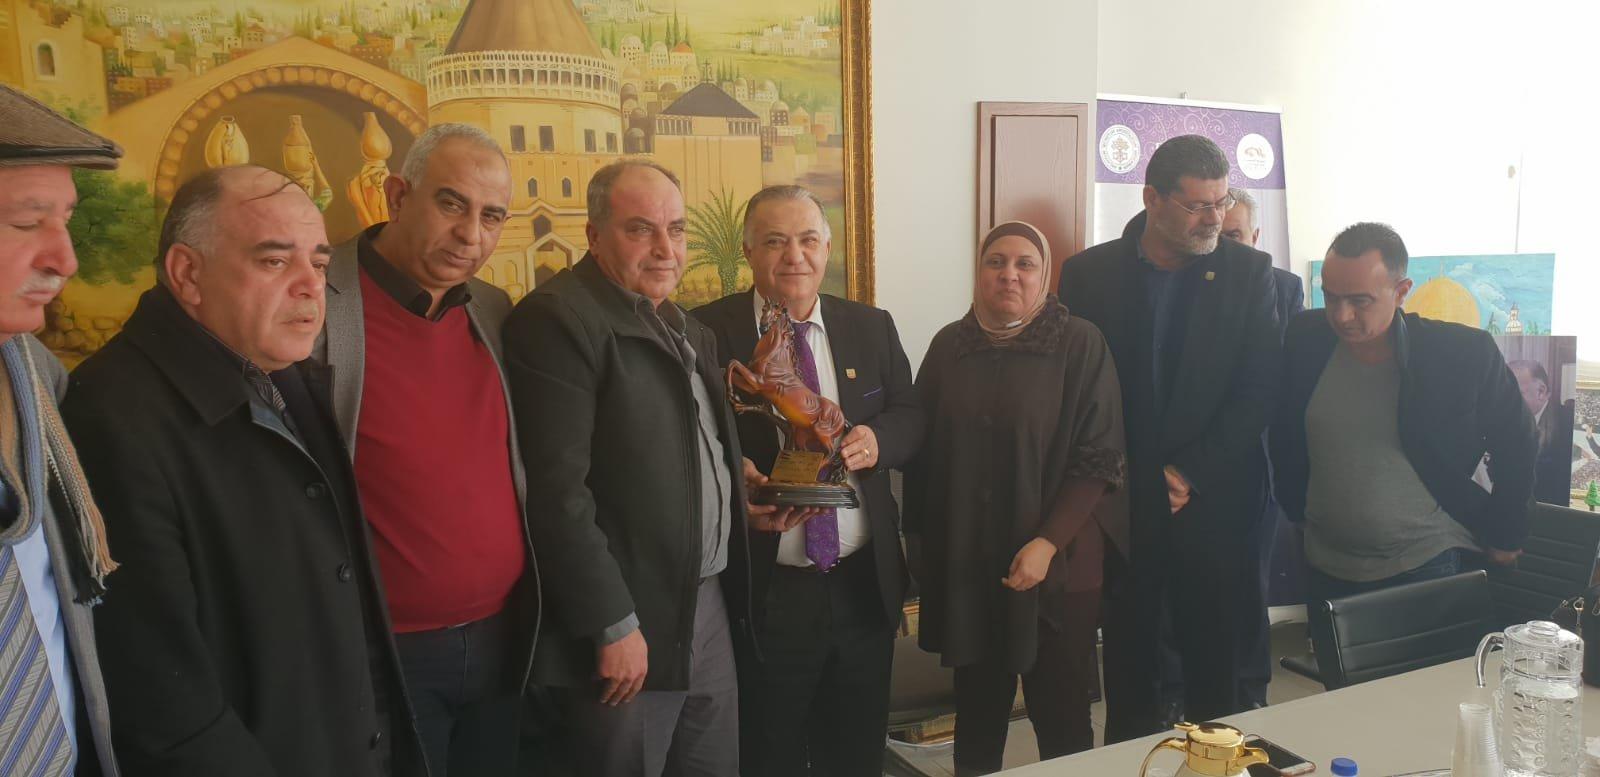 رئيس بلدية جنين فايز السعدي وأعضاء بلدية يزورون بلدية الناصرة-15